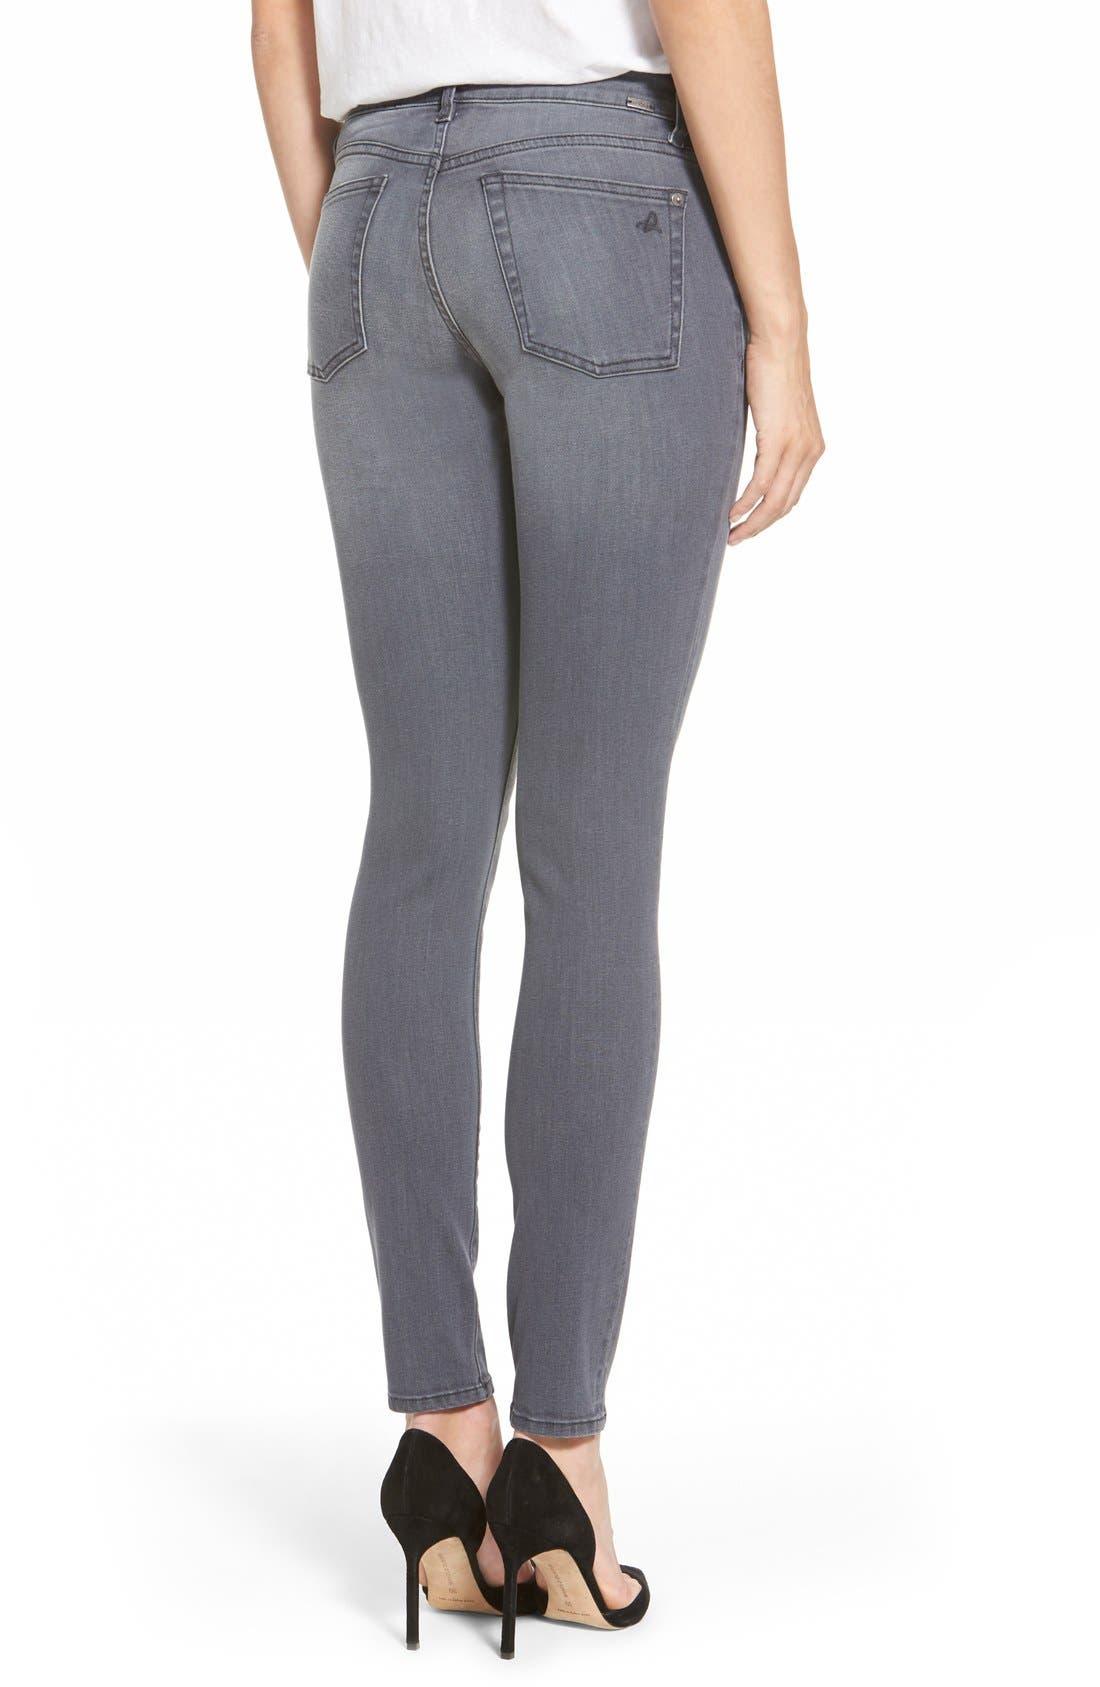 Alternate Image 2  - DL1961 'Florence' Instasculpt Skinny Jeans (Craft)